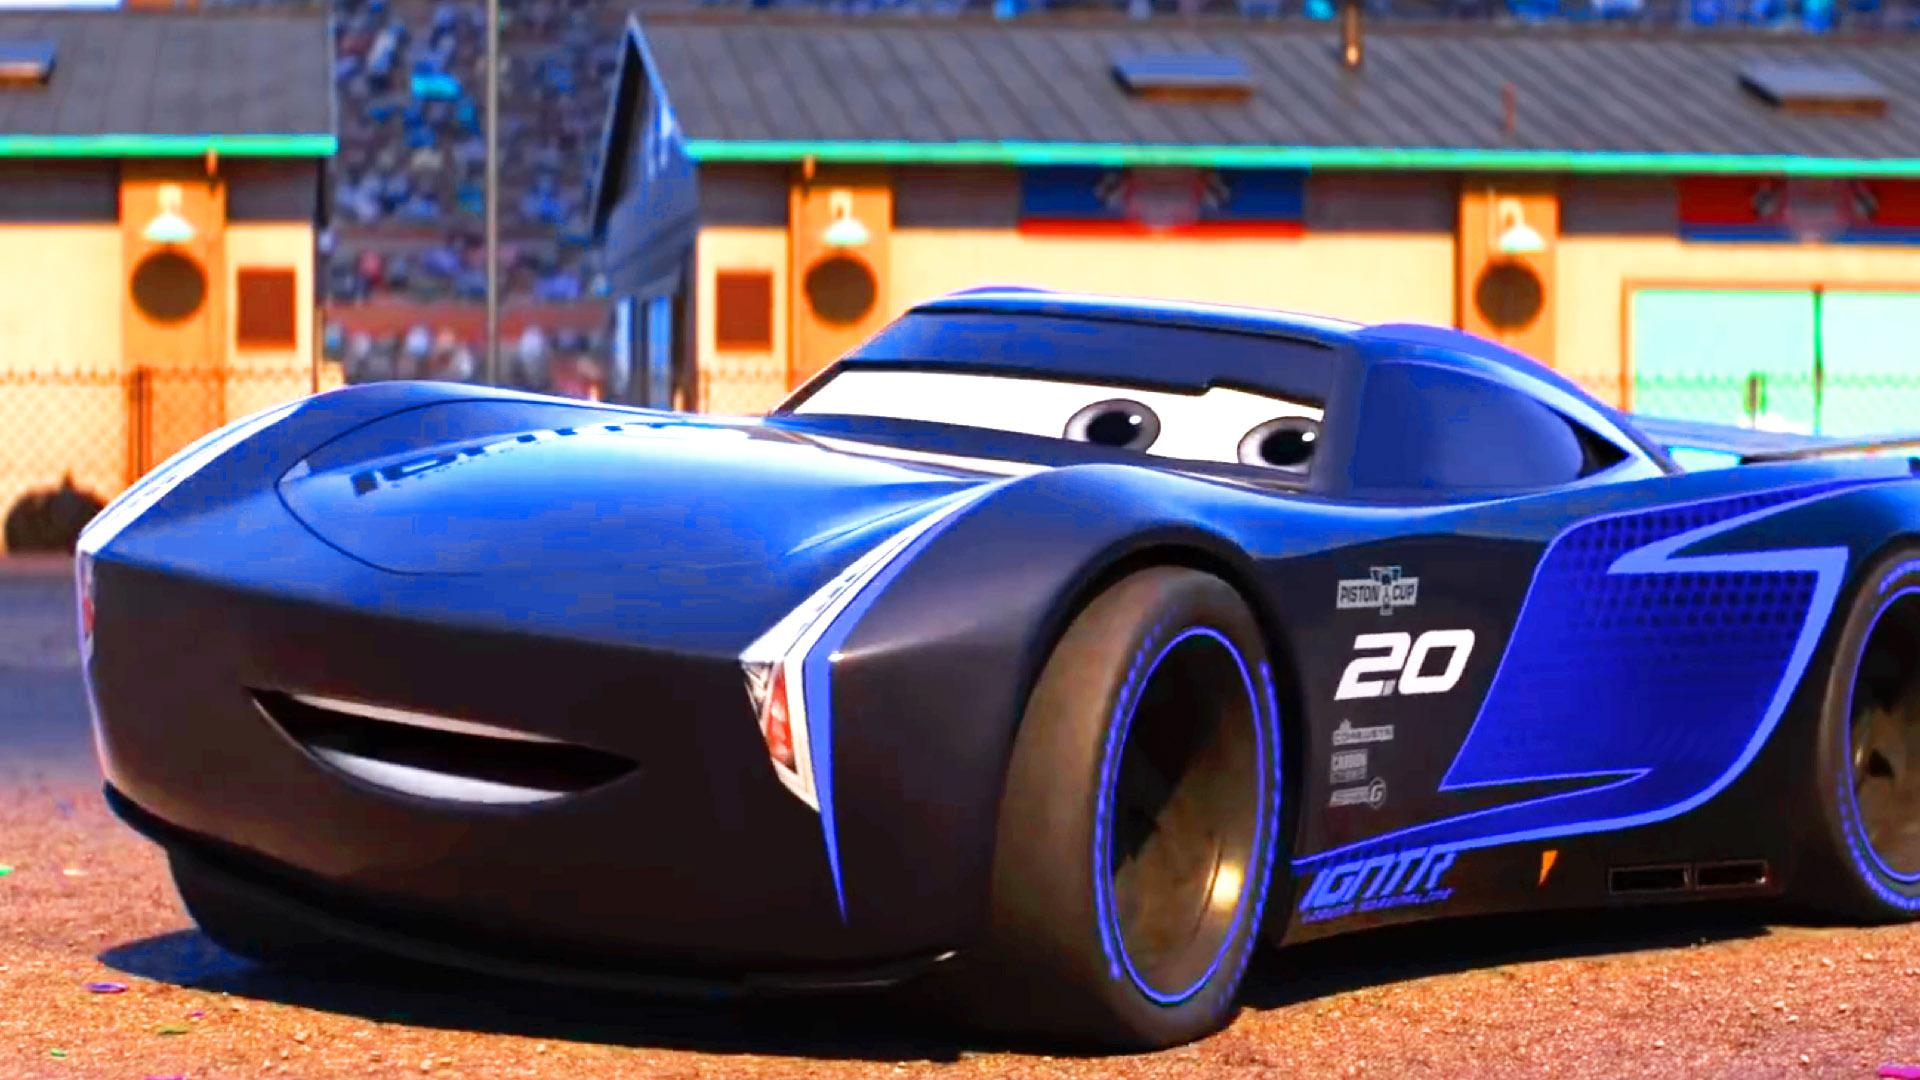 Disney Pixar Cars Wallpapers Free Download Cars 3 Wallpapers High Quality Download Free